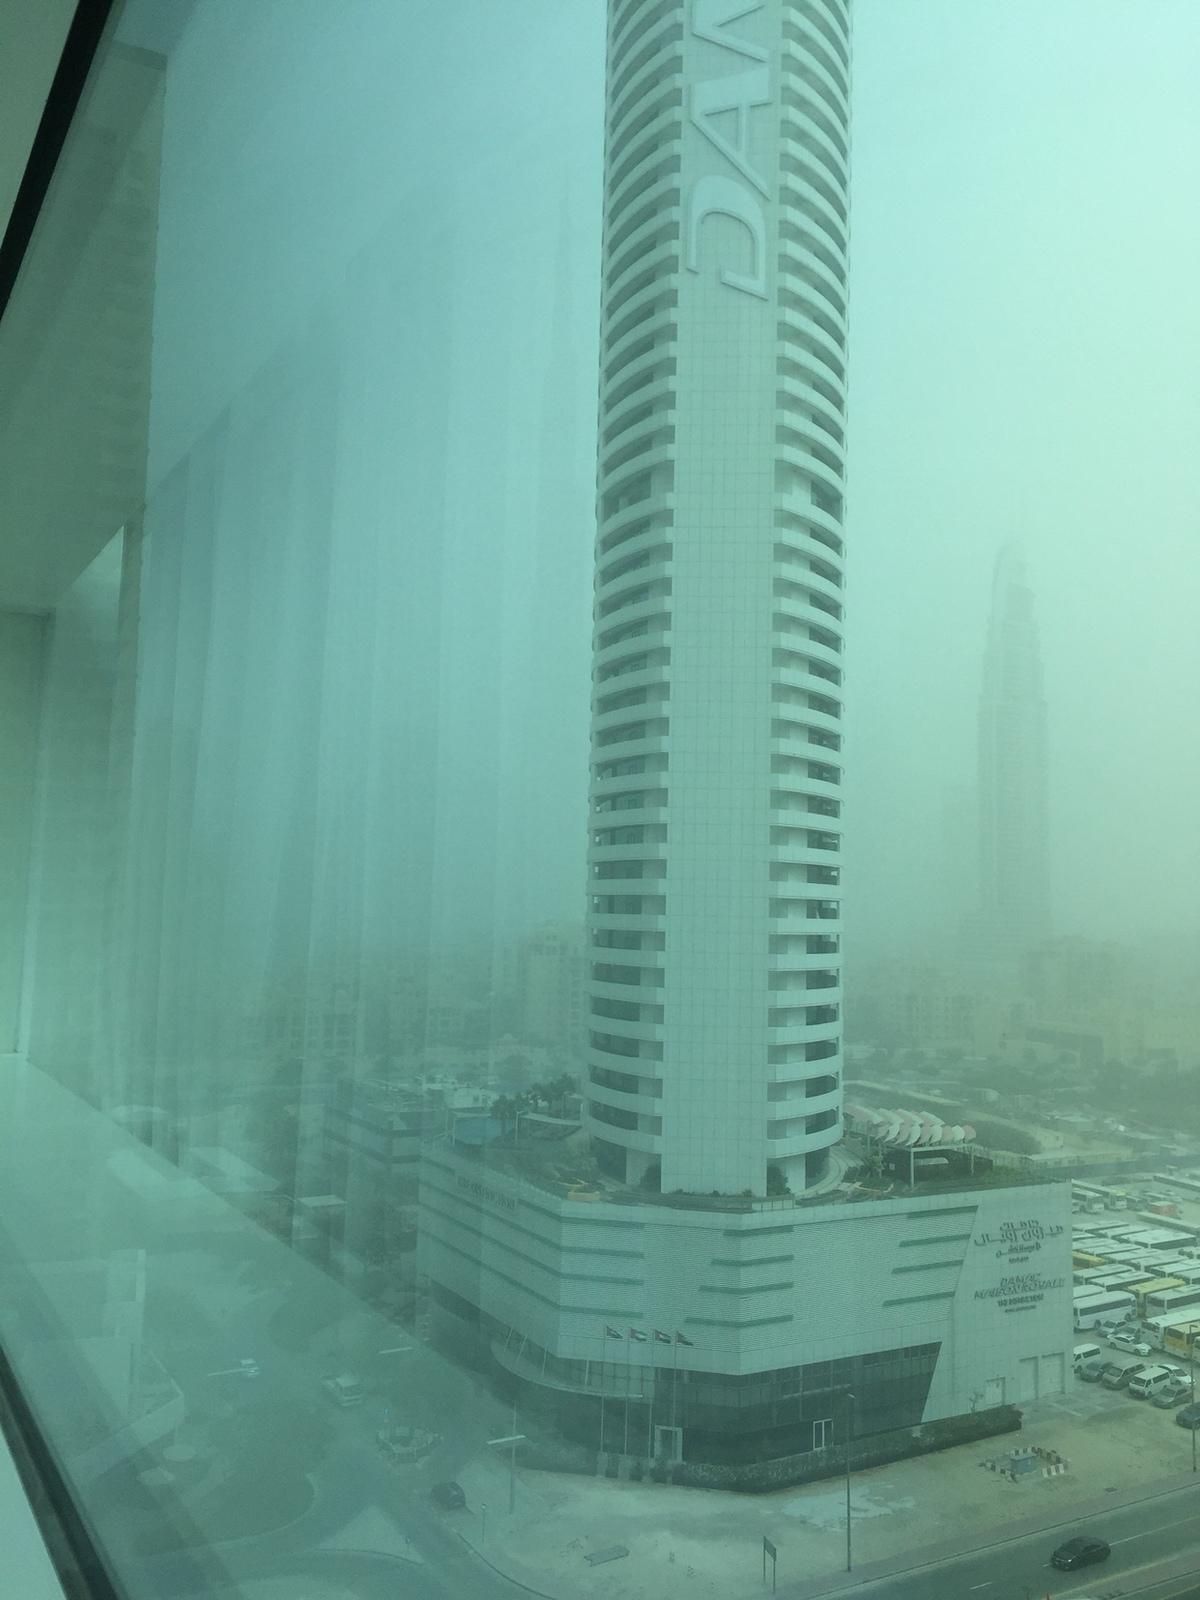 661544 المسافرون العرب دبي مدينة الجميرا